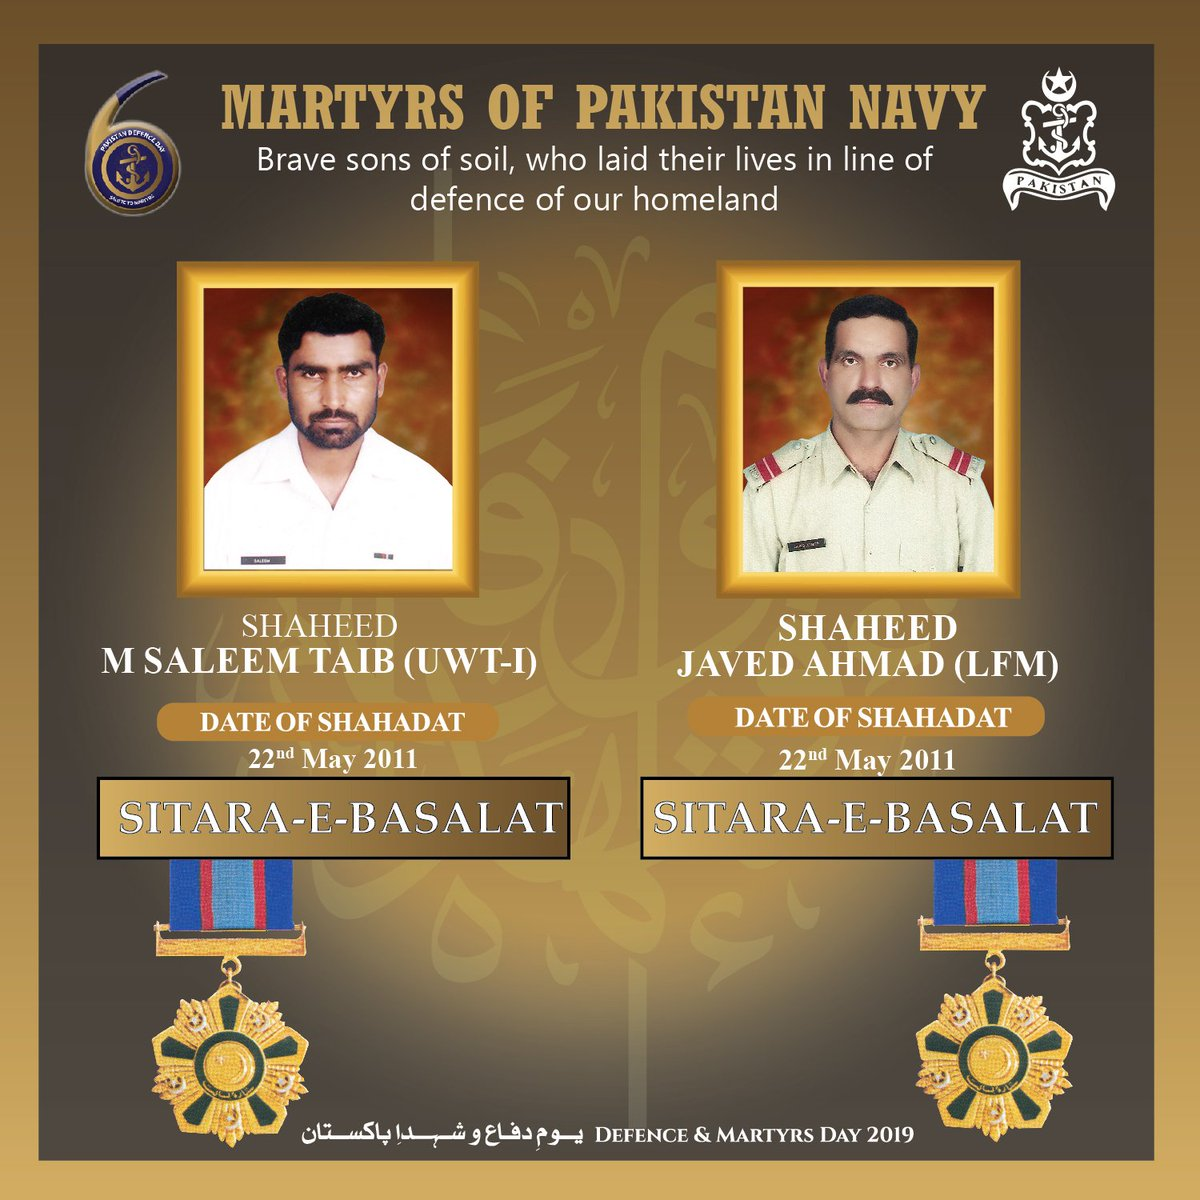 Pakistan Navy (@PakistanNavyNHQ) | Twitter